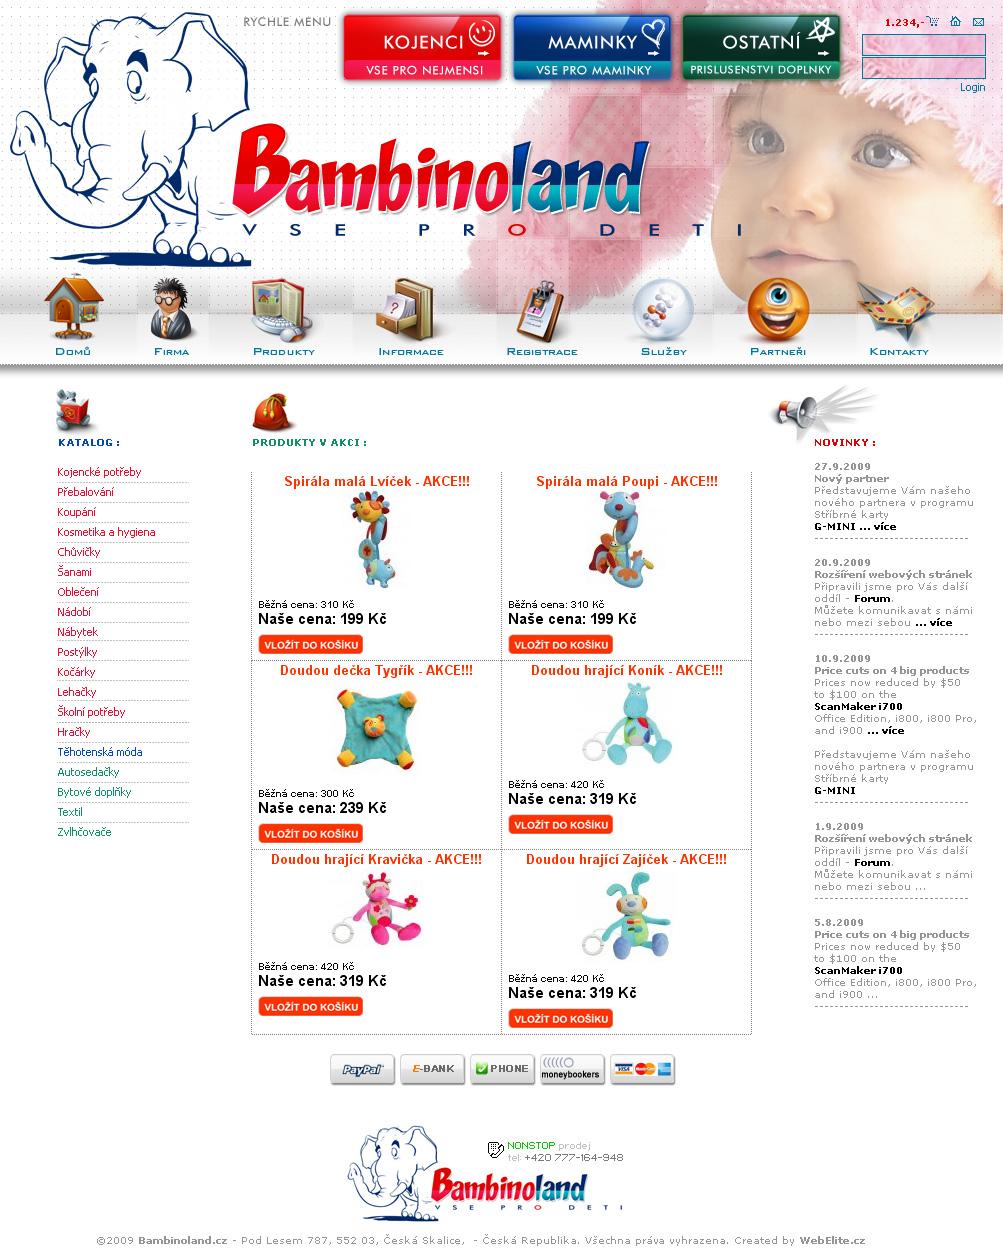 bambinoland